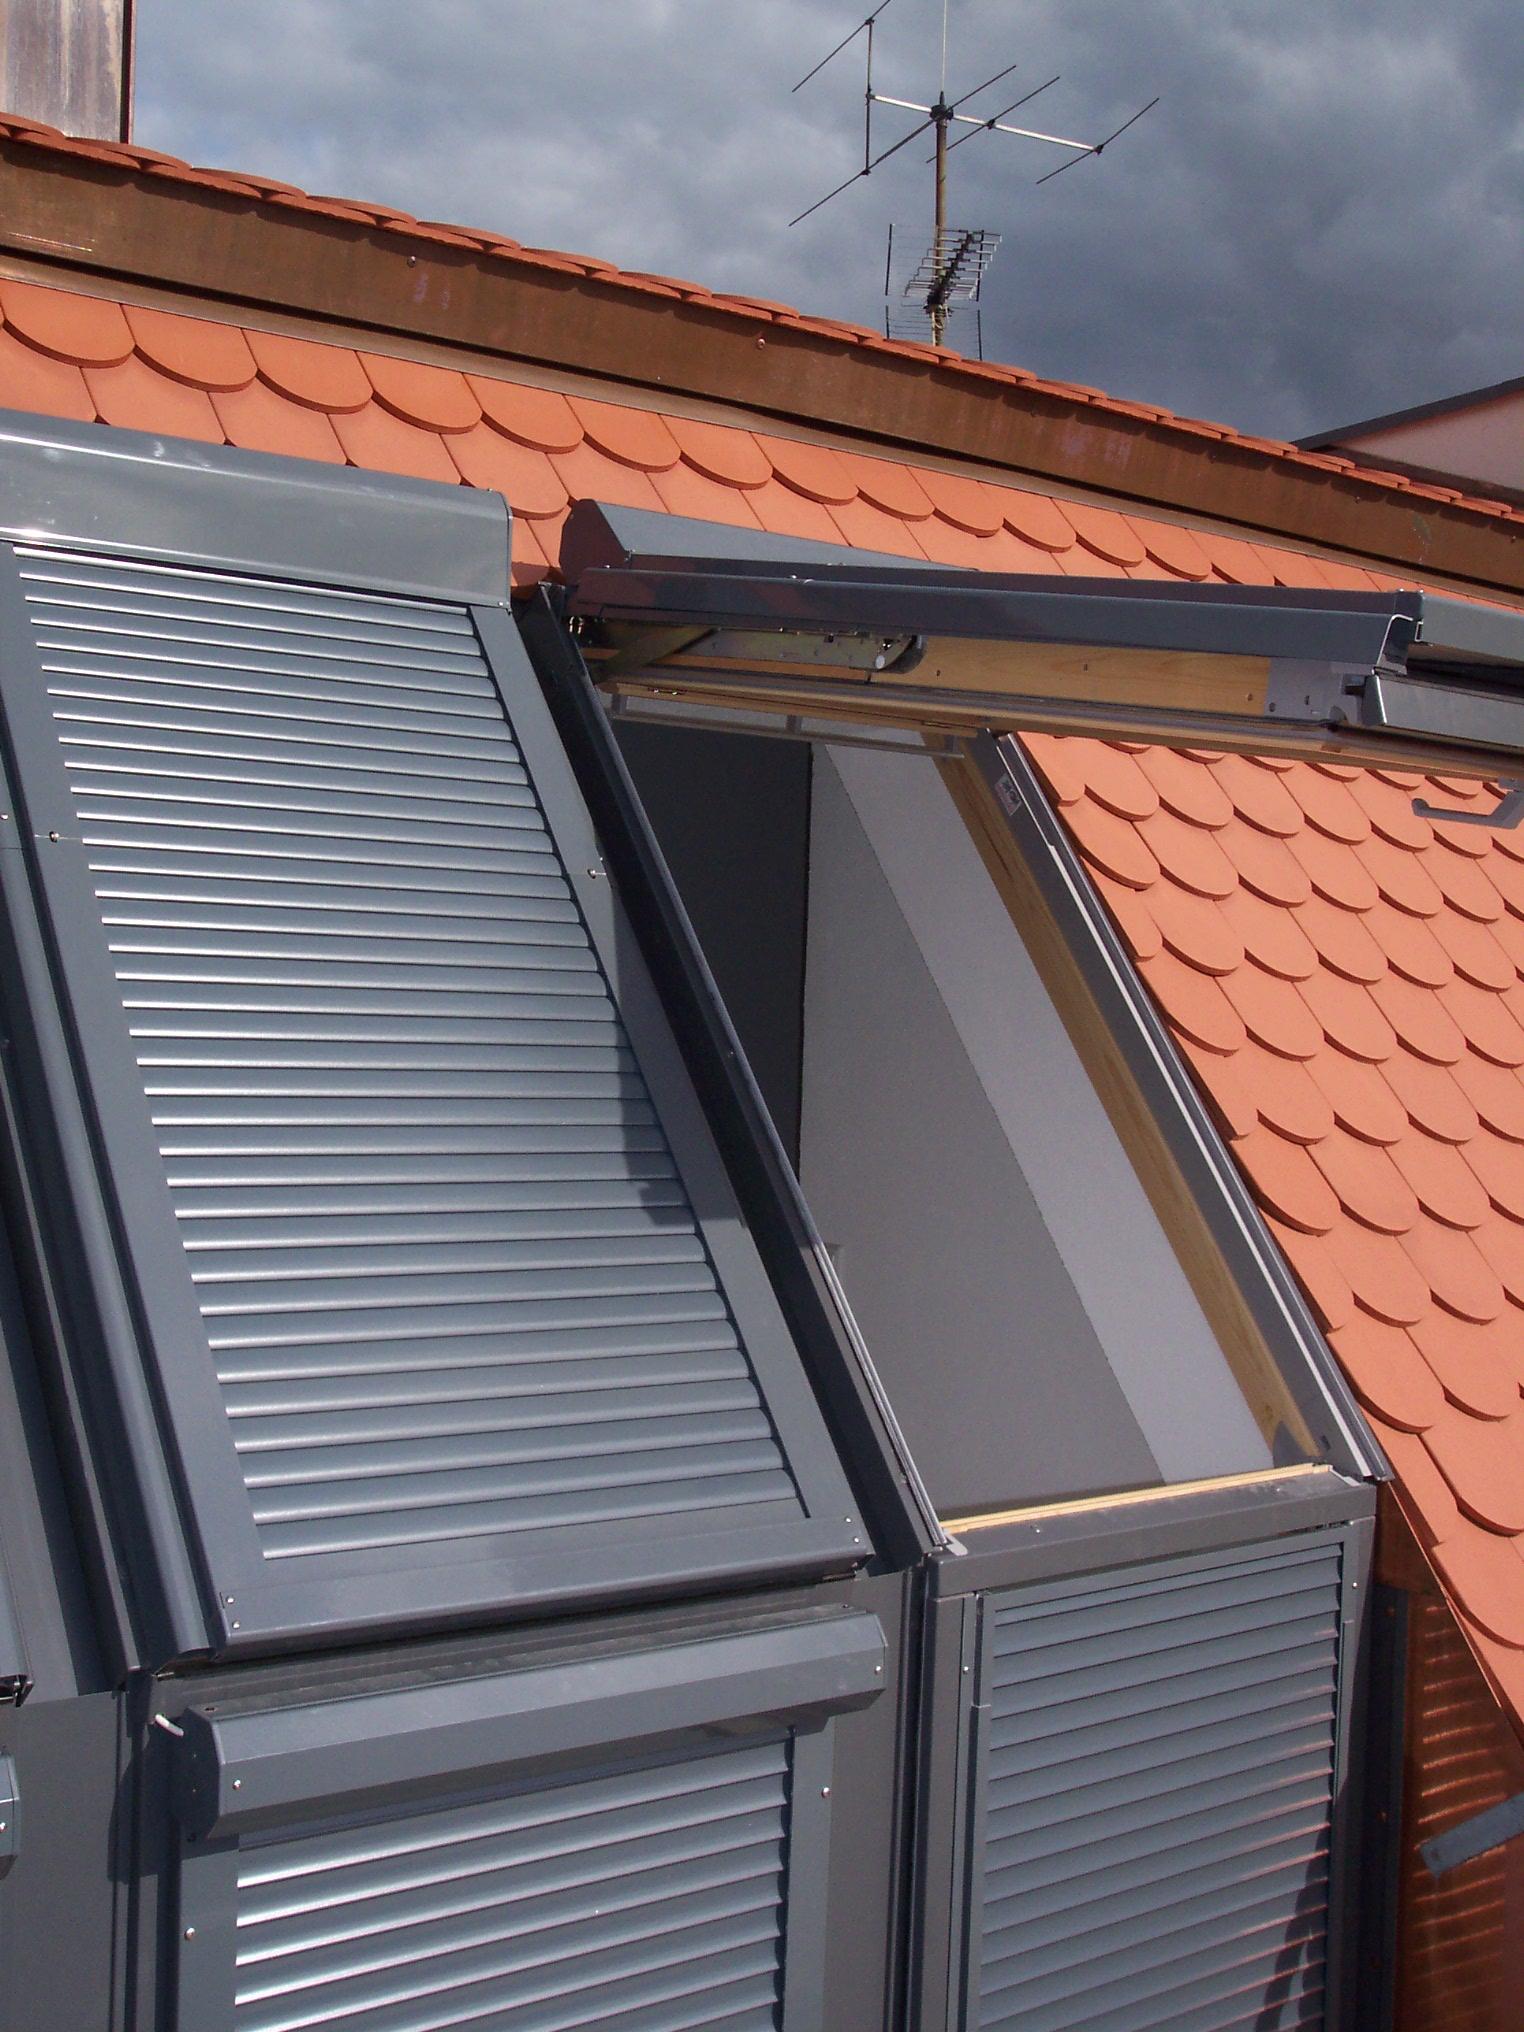 Full Size of Velux Fenster Dachfenster Rollo Fr Veludachfenster Typ Vl Bodentief Standardmaße Online Konfigurieren Einbruchschutz Nachrüsten Stange Rundes Fenster Velux Fenster